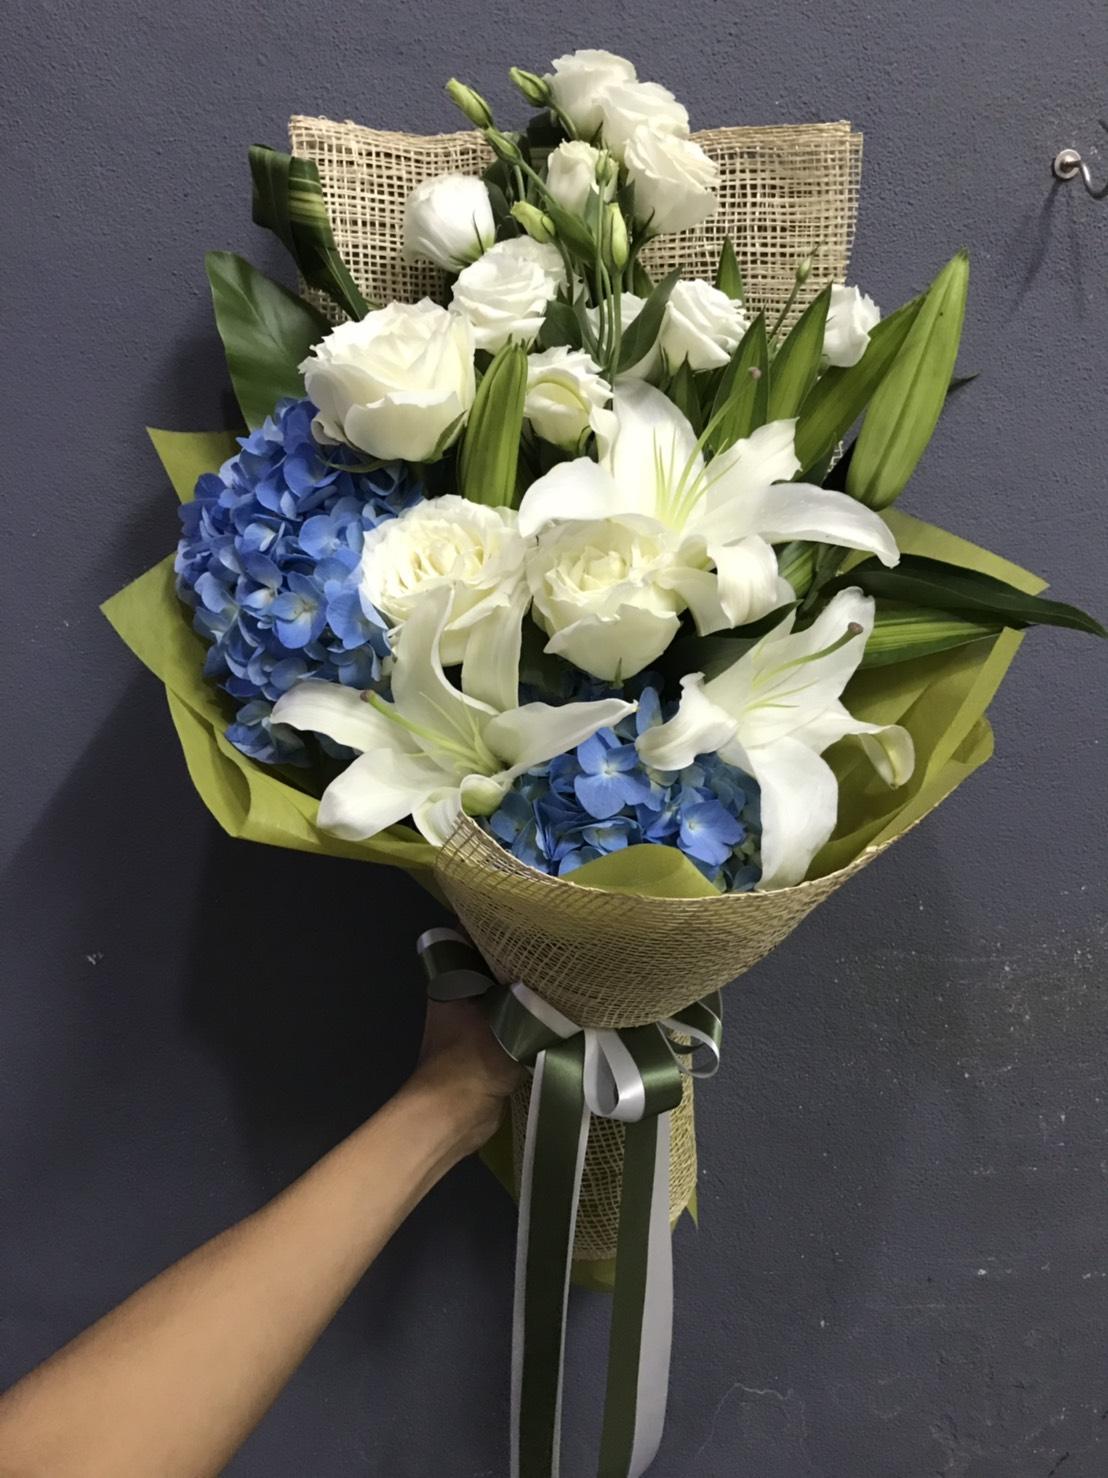 ช่อดอกไม้ชั้นดี เกิดจากการนำดอกไม้หลาย ๆ ชนิดมาผสมผสานกัน